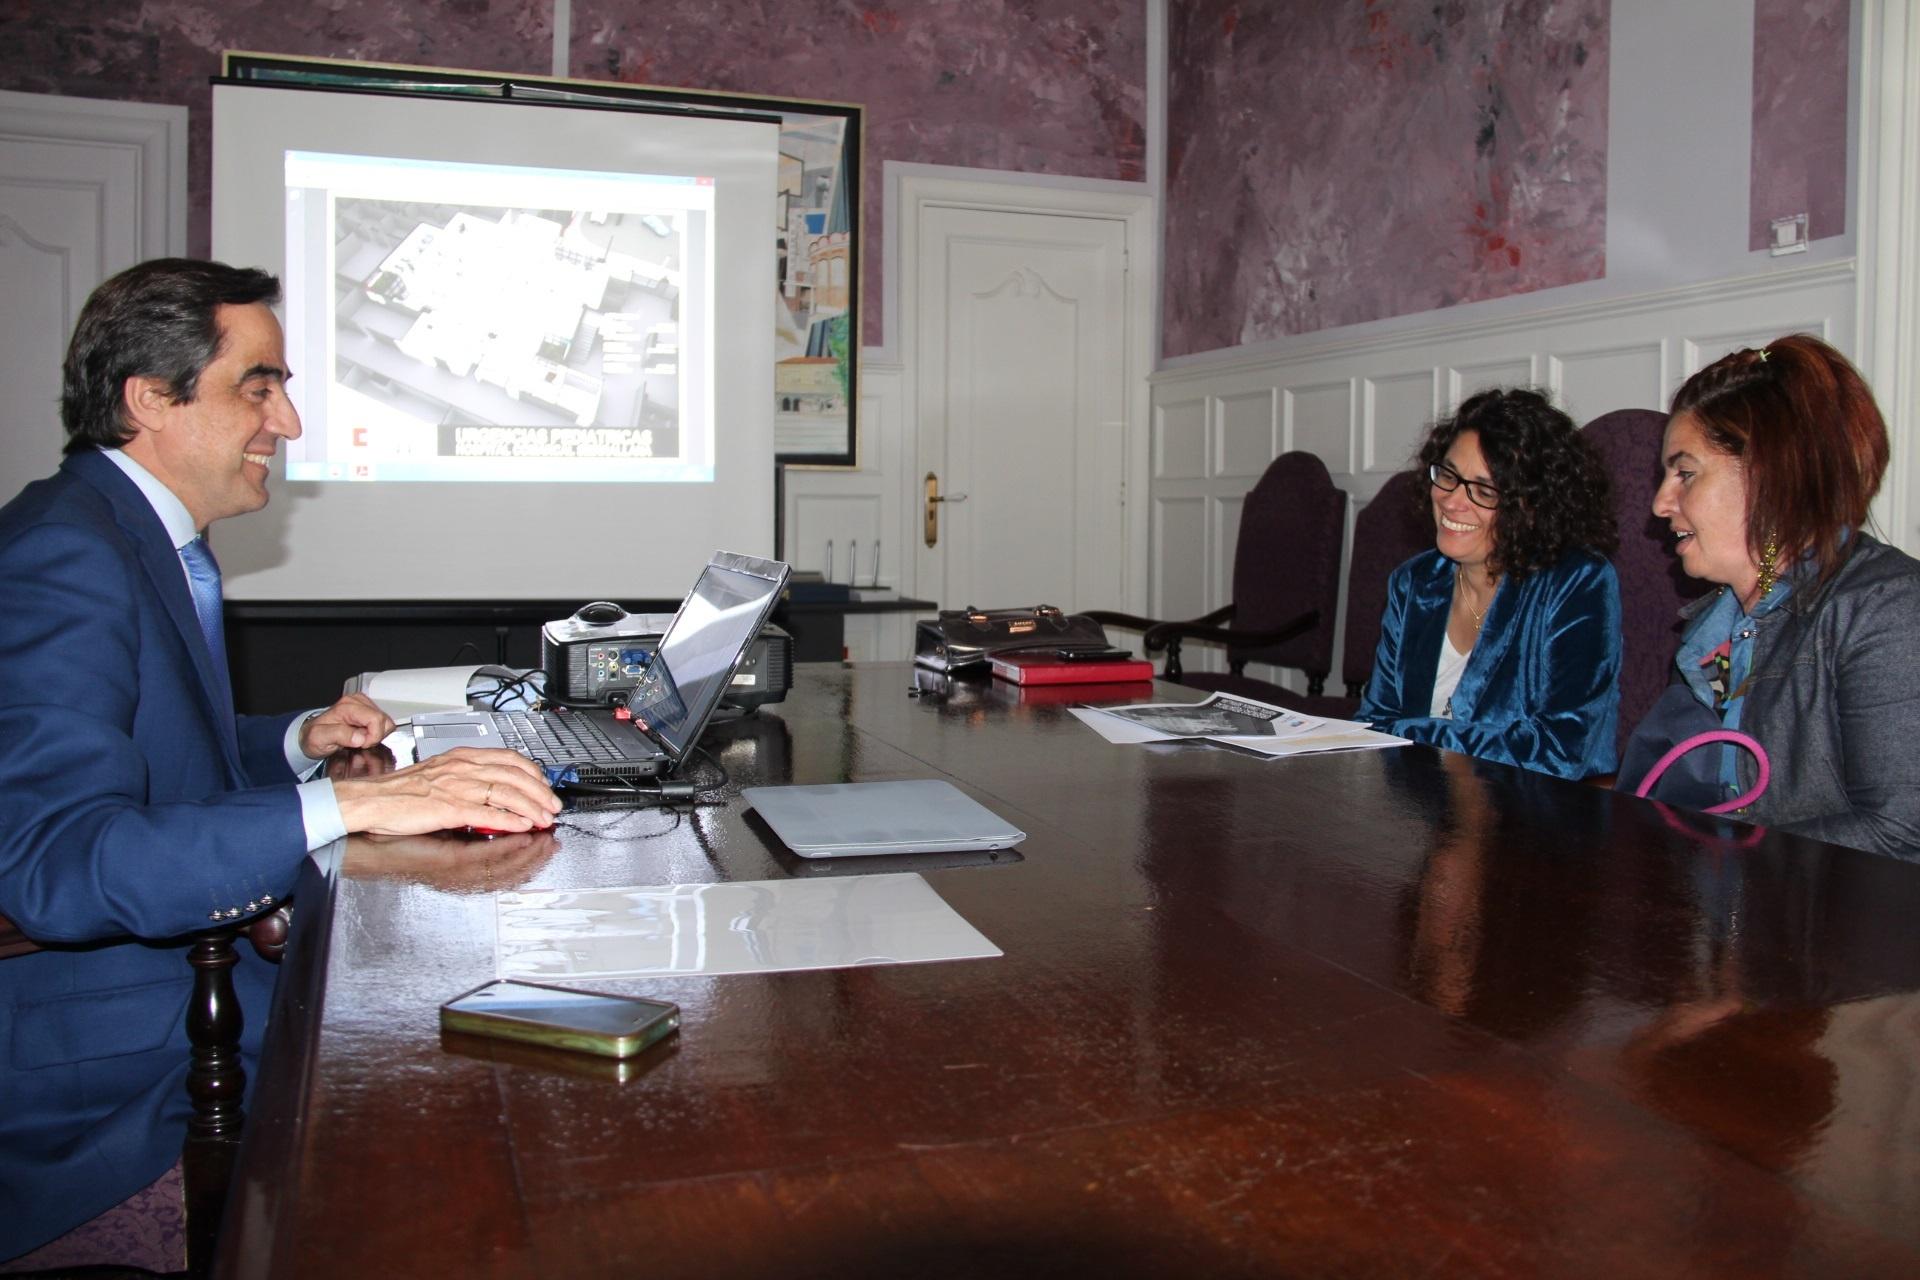 El alcalde muestra a la Plataforma de Urgencias Pediátricas en Sierrallana el proyecto, que estará en 2014